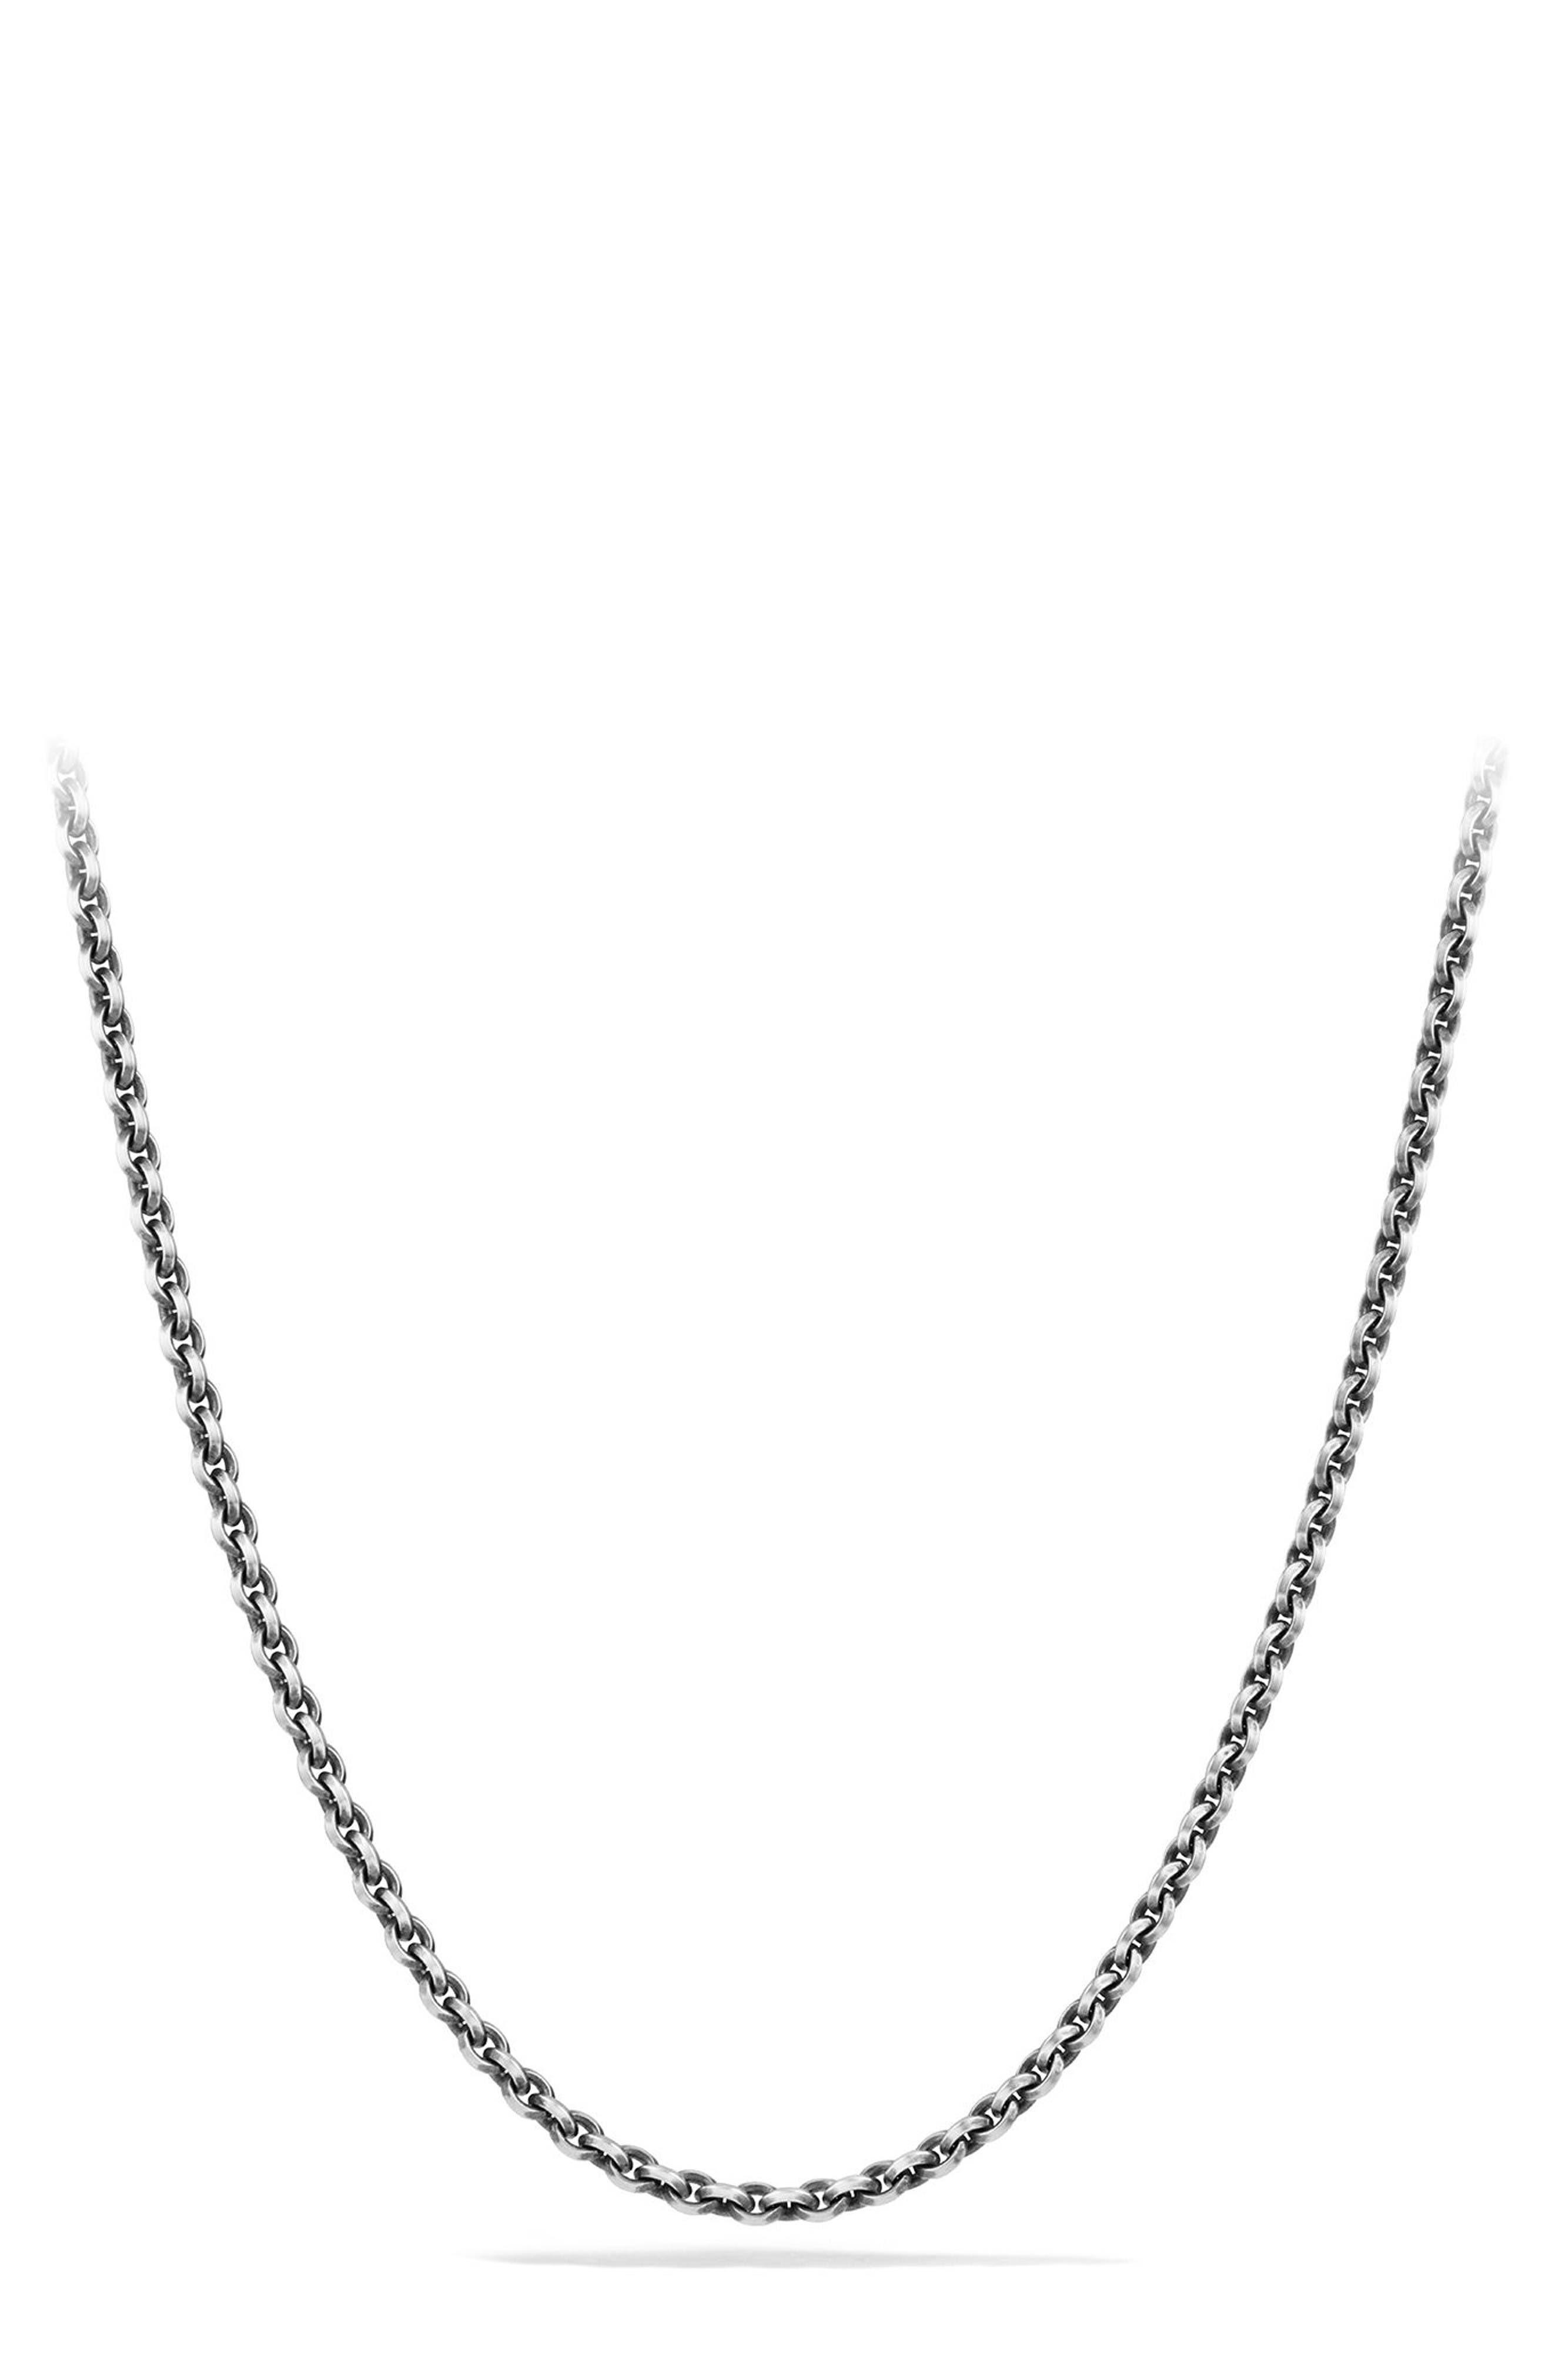 David Yurman Knife Edge Chain Necklace